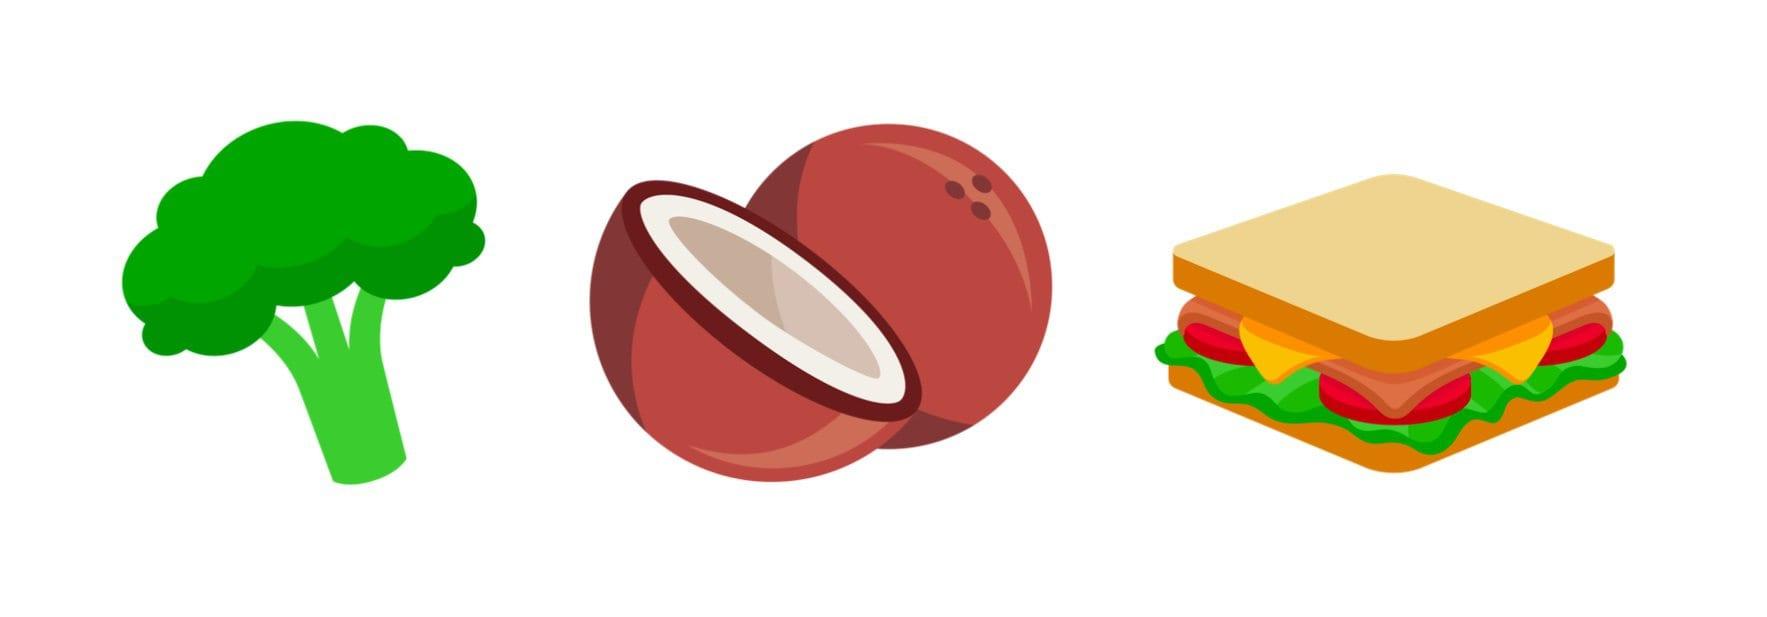 nuevos-emojis-unicode-10